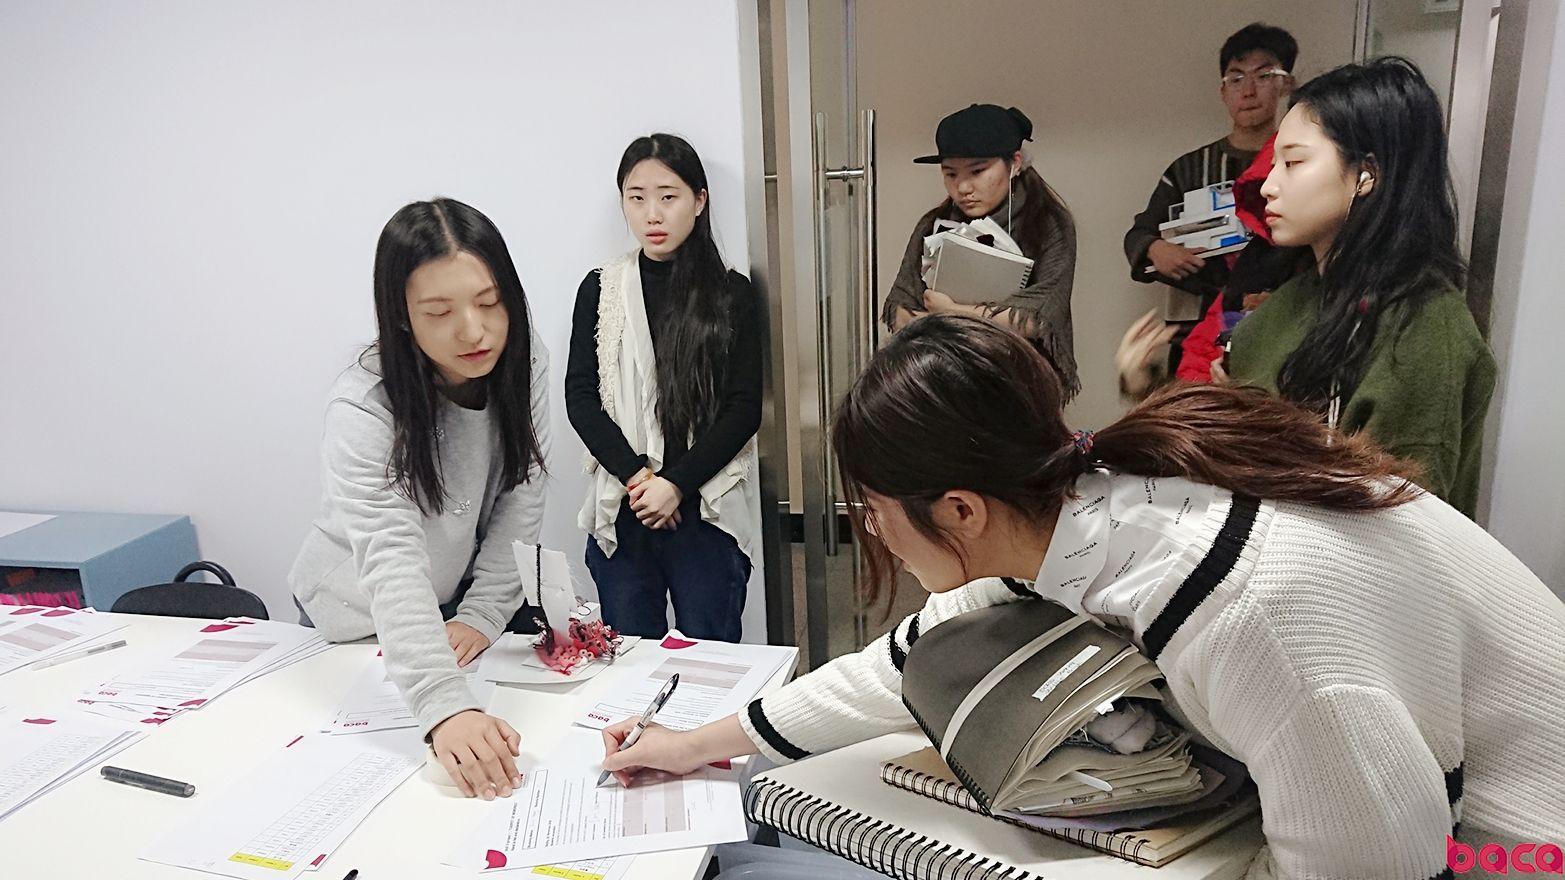 国际艺术高中该如何选择?  |BACA资讯